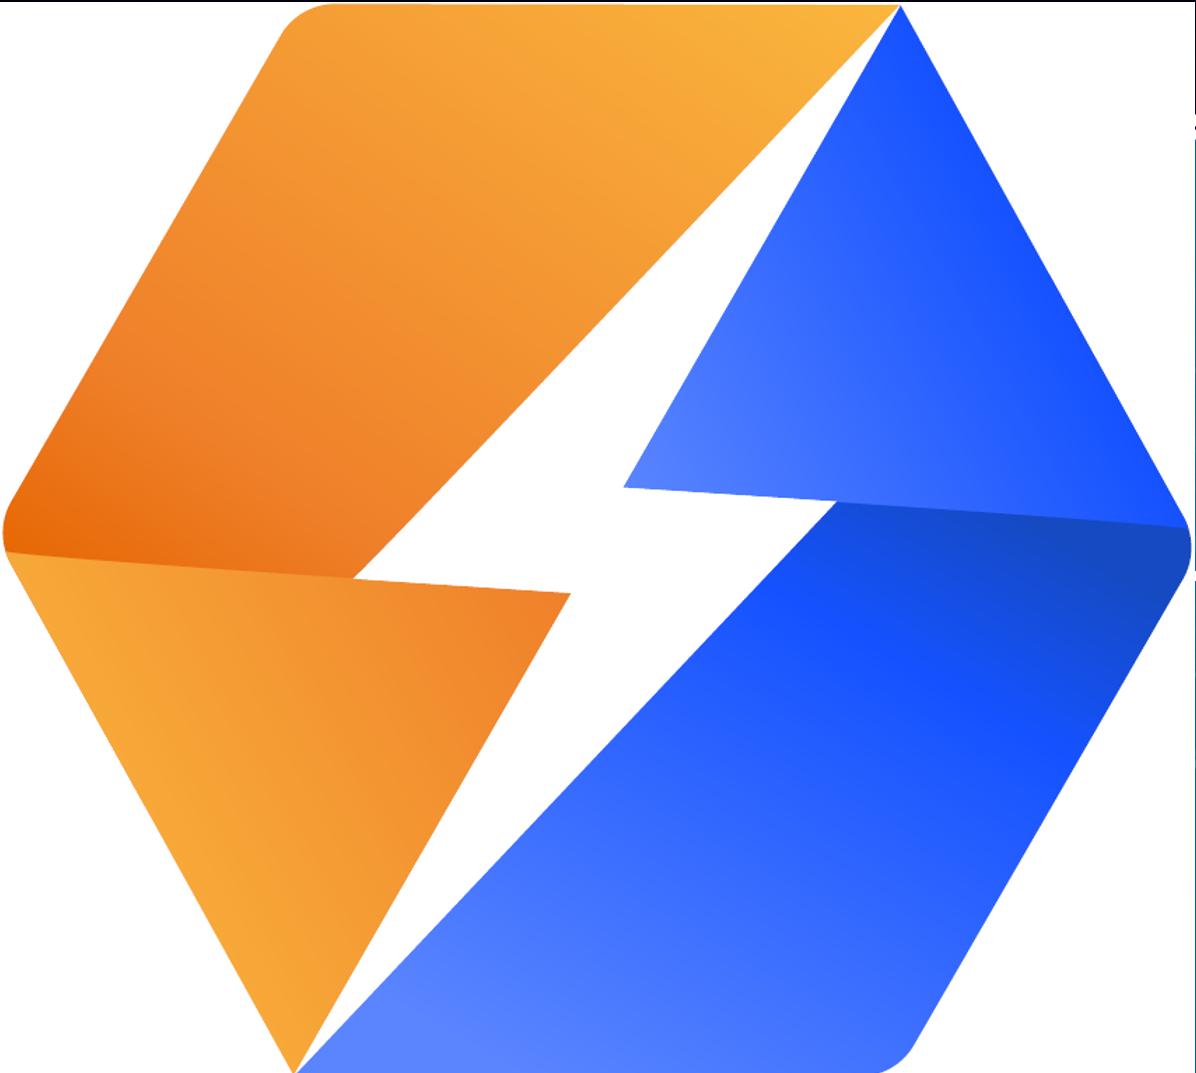 Комитет Государственной Думы по энергетике проведет расширенное совместное заседание  двух секций Экспертного совета при Комитете  на тему  «Ассоциация «Цифровая энергетика» как отраслевой центр компетенций цифровой трансформации электроэнергетики»